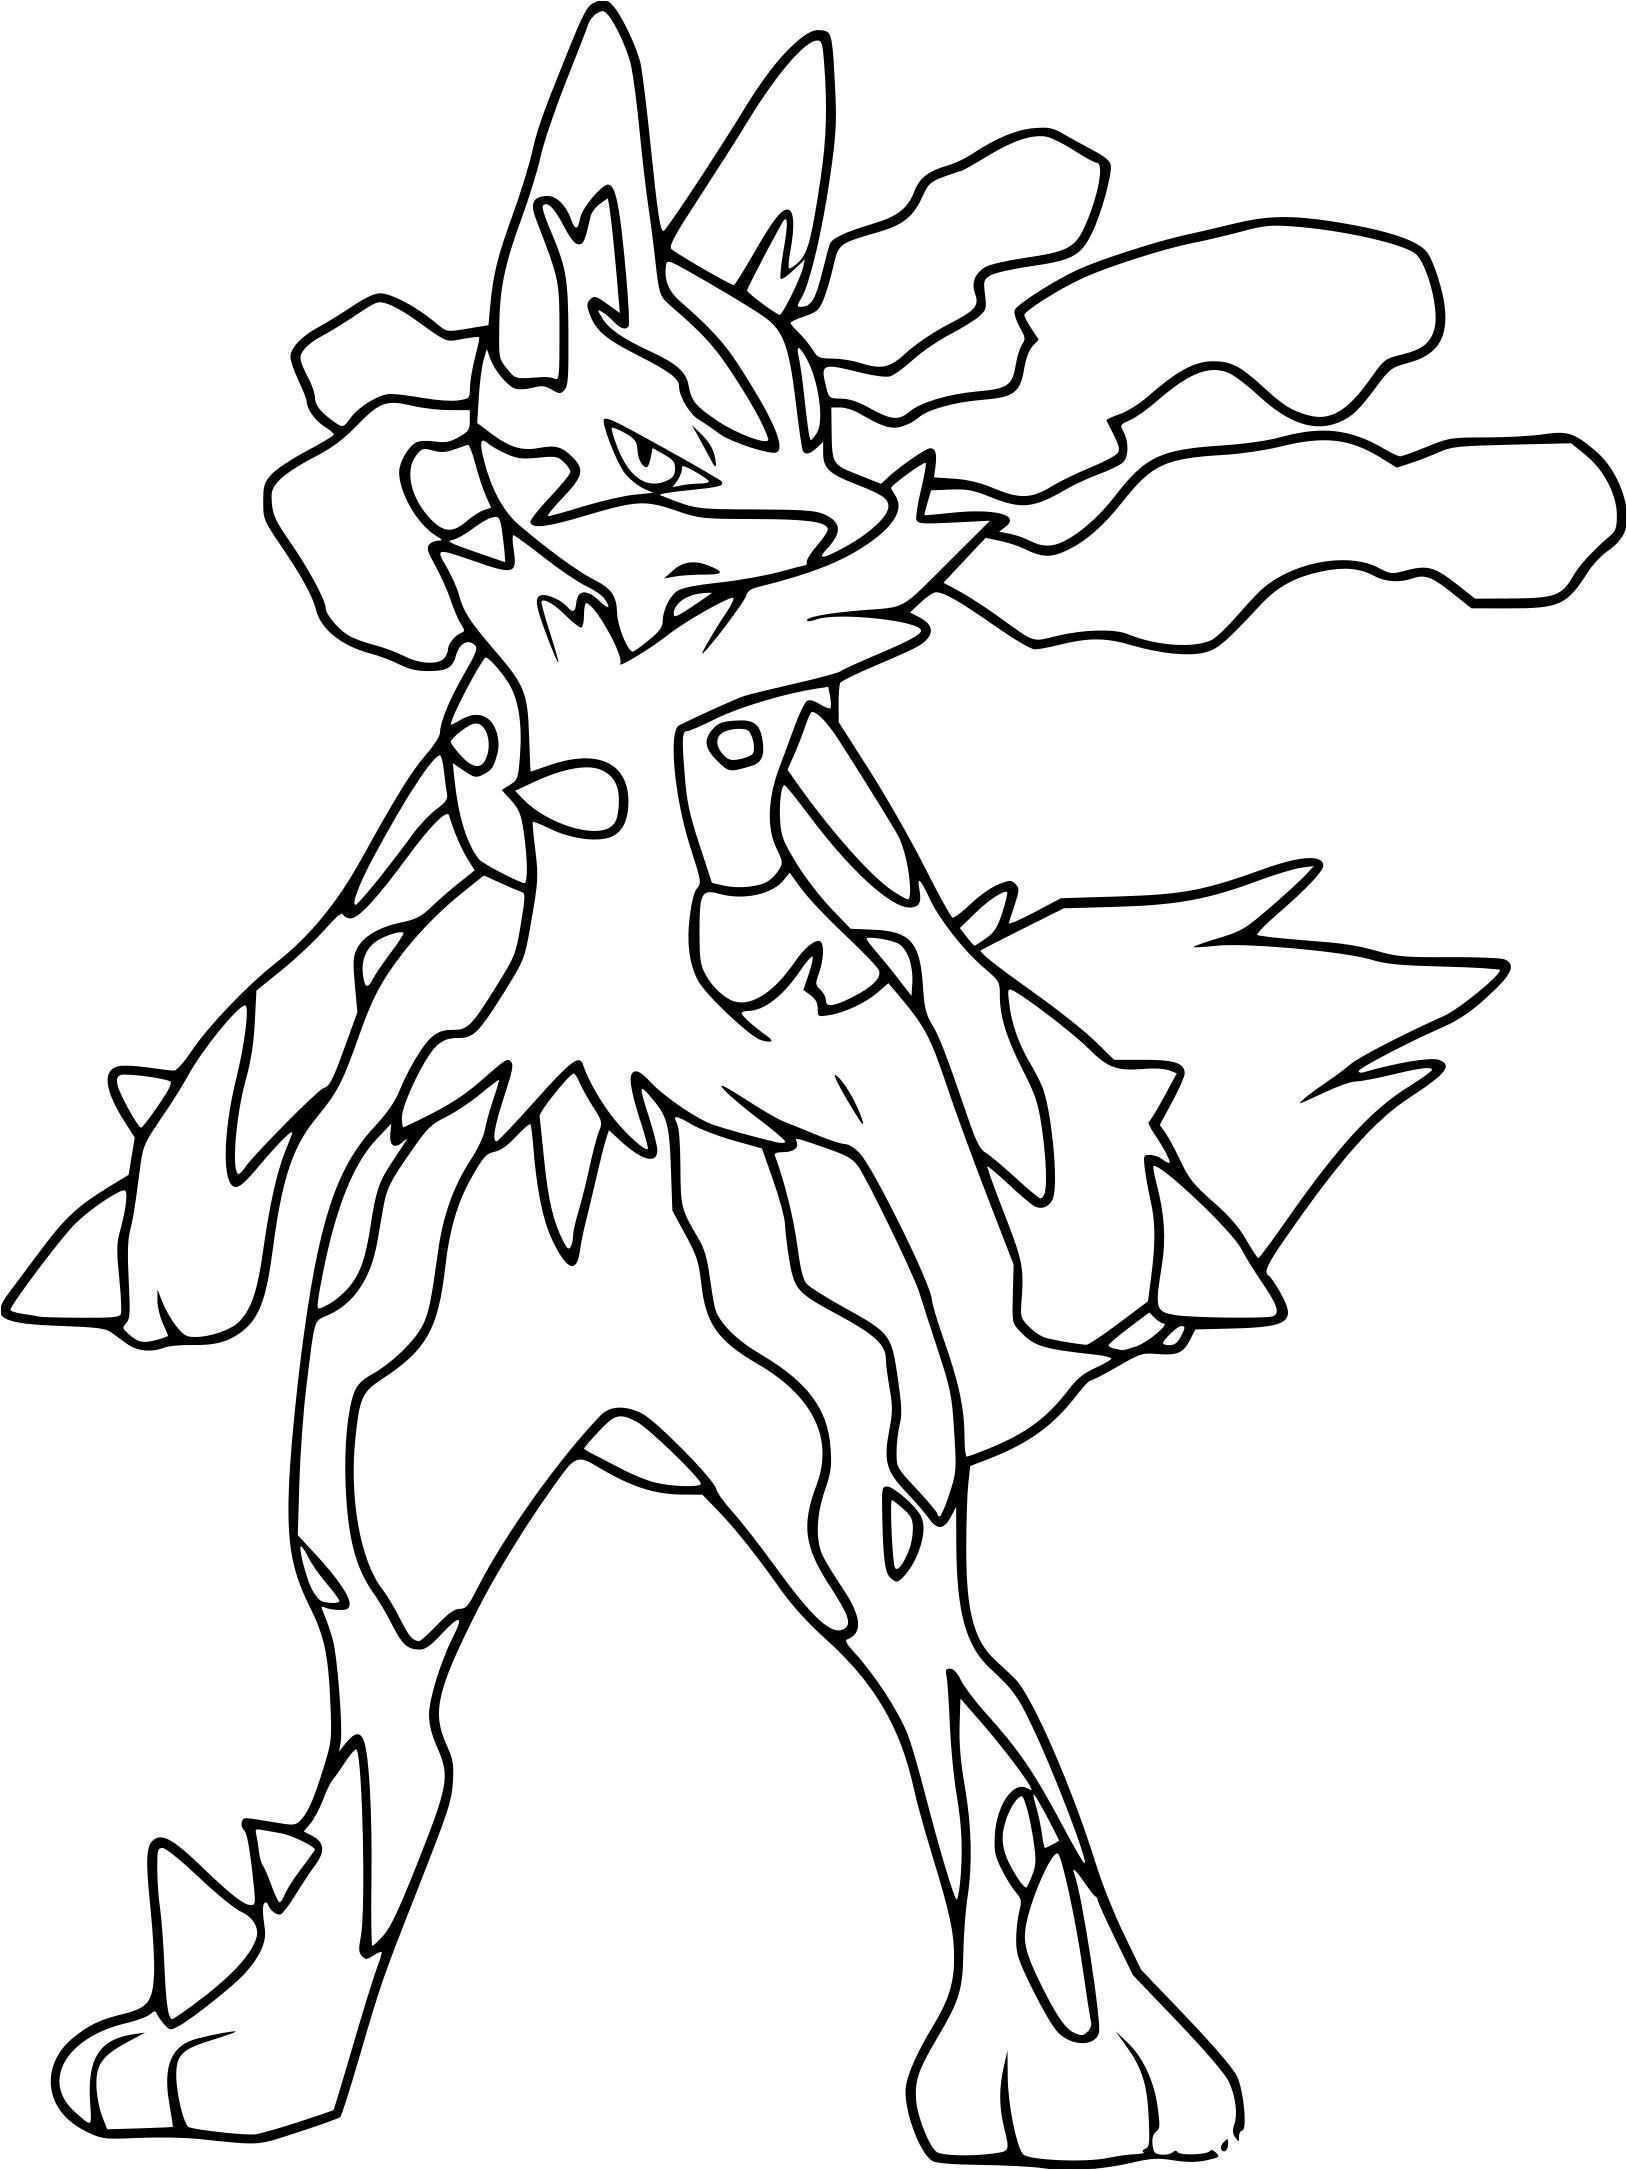 39 Dessins De Coloriage Pokemon Mega Evolution À Imprimer avec Coloriage A Imprimer Pokemon Legendaire